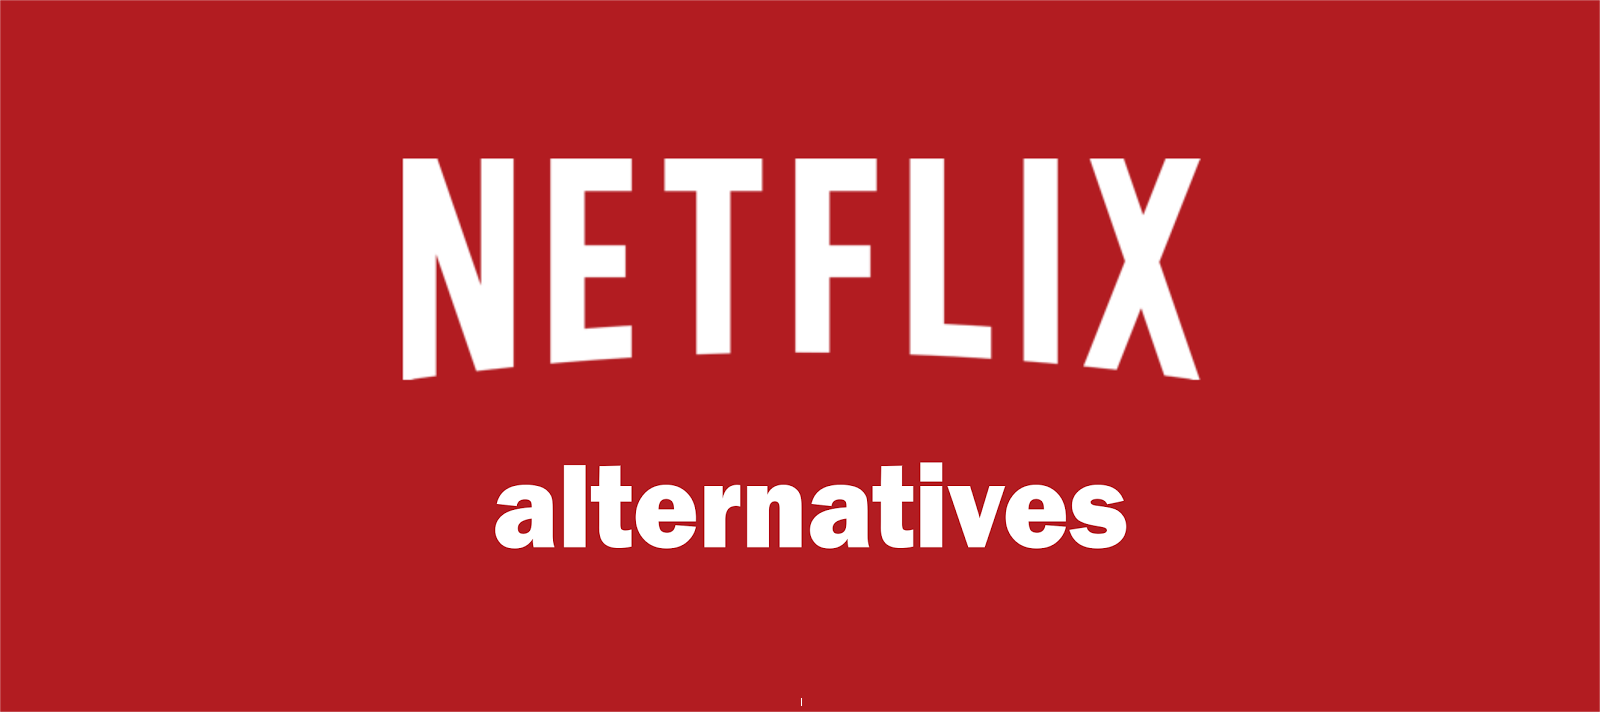 Netflix-alternatives